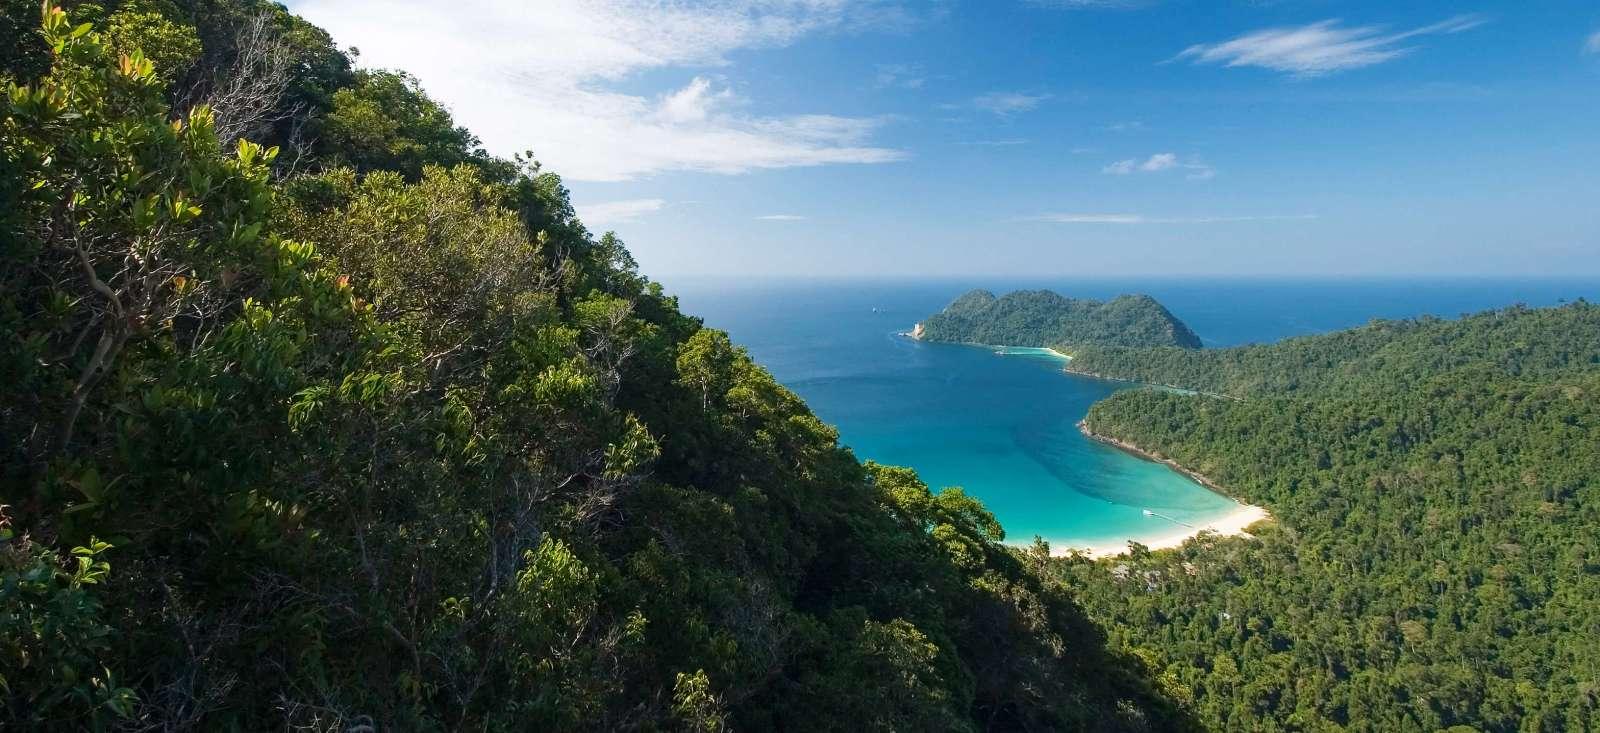 Voyage sur l'eau : Cabotage dans les îles Mergui